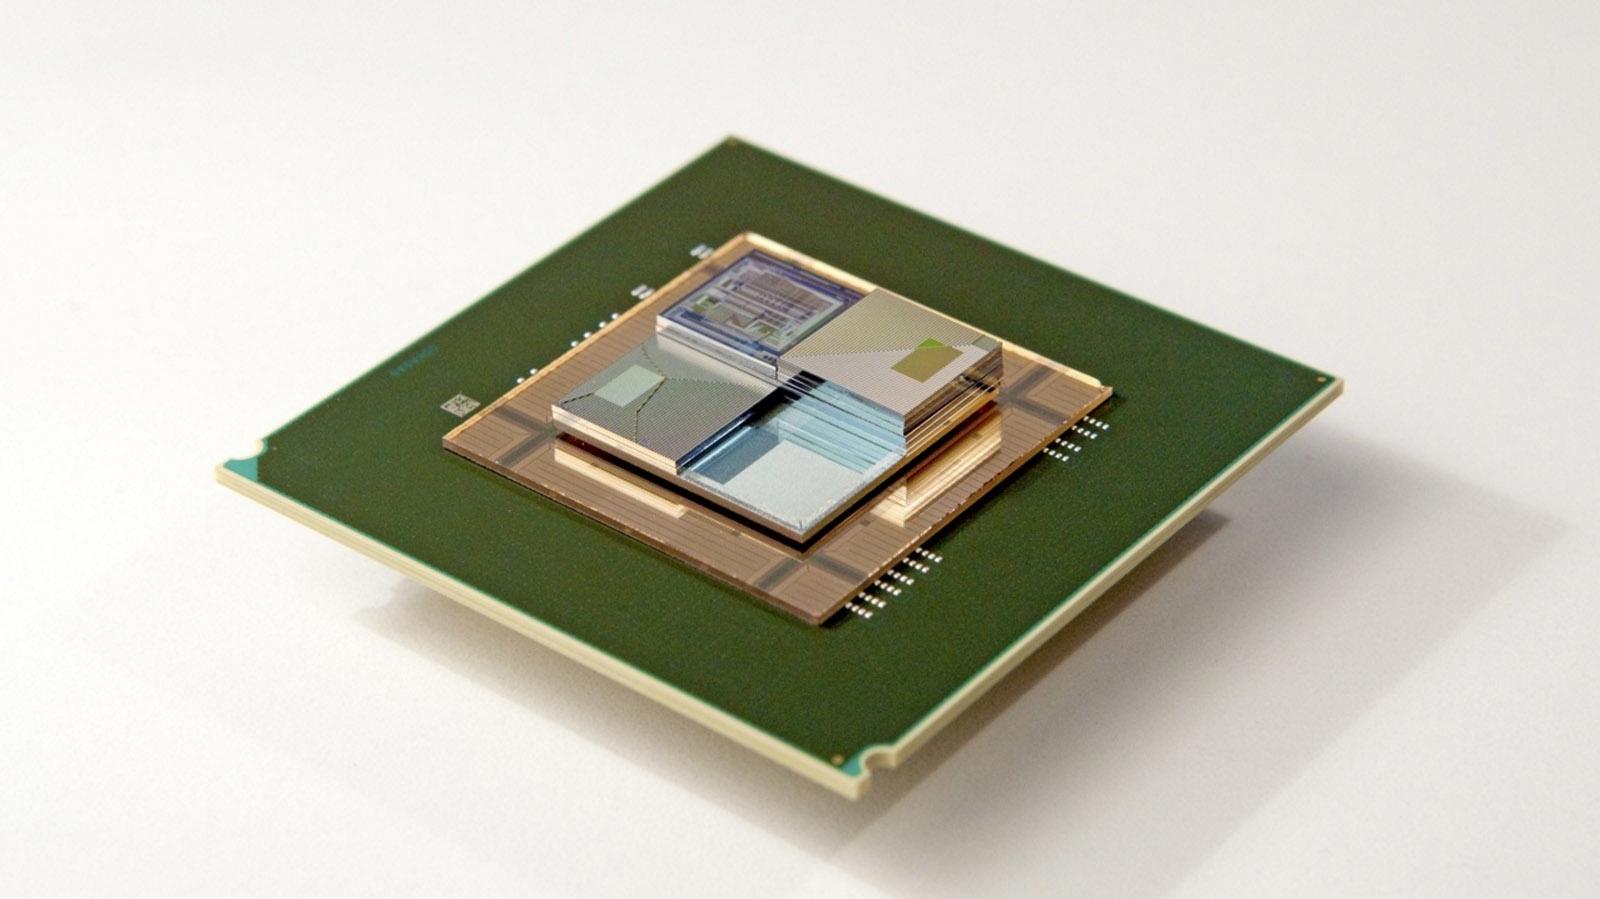 Estas diminutas baterías líquidas dan vida a chips mientras lo refrescan